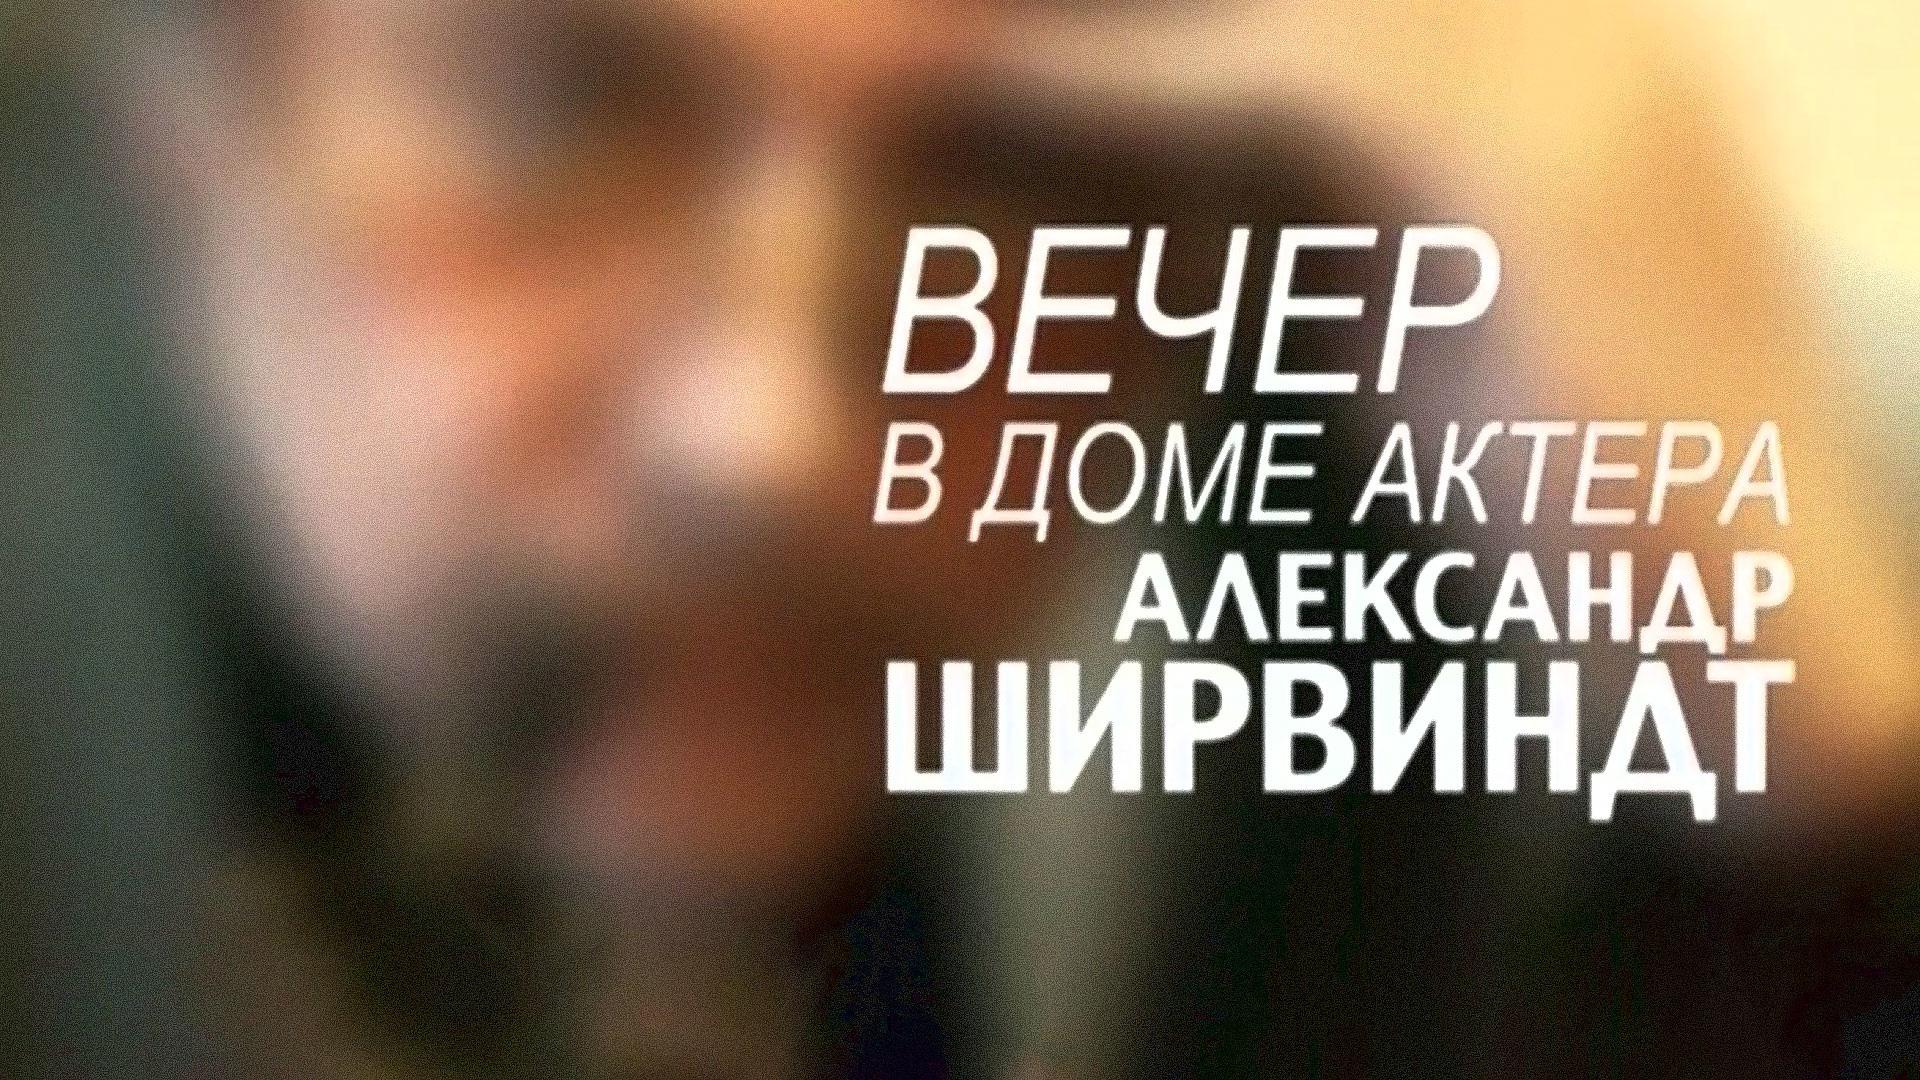 Александр Ширвиндт. Вечер в Доме актера